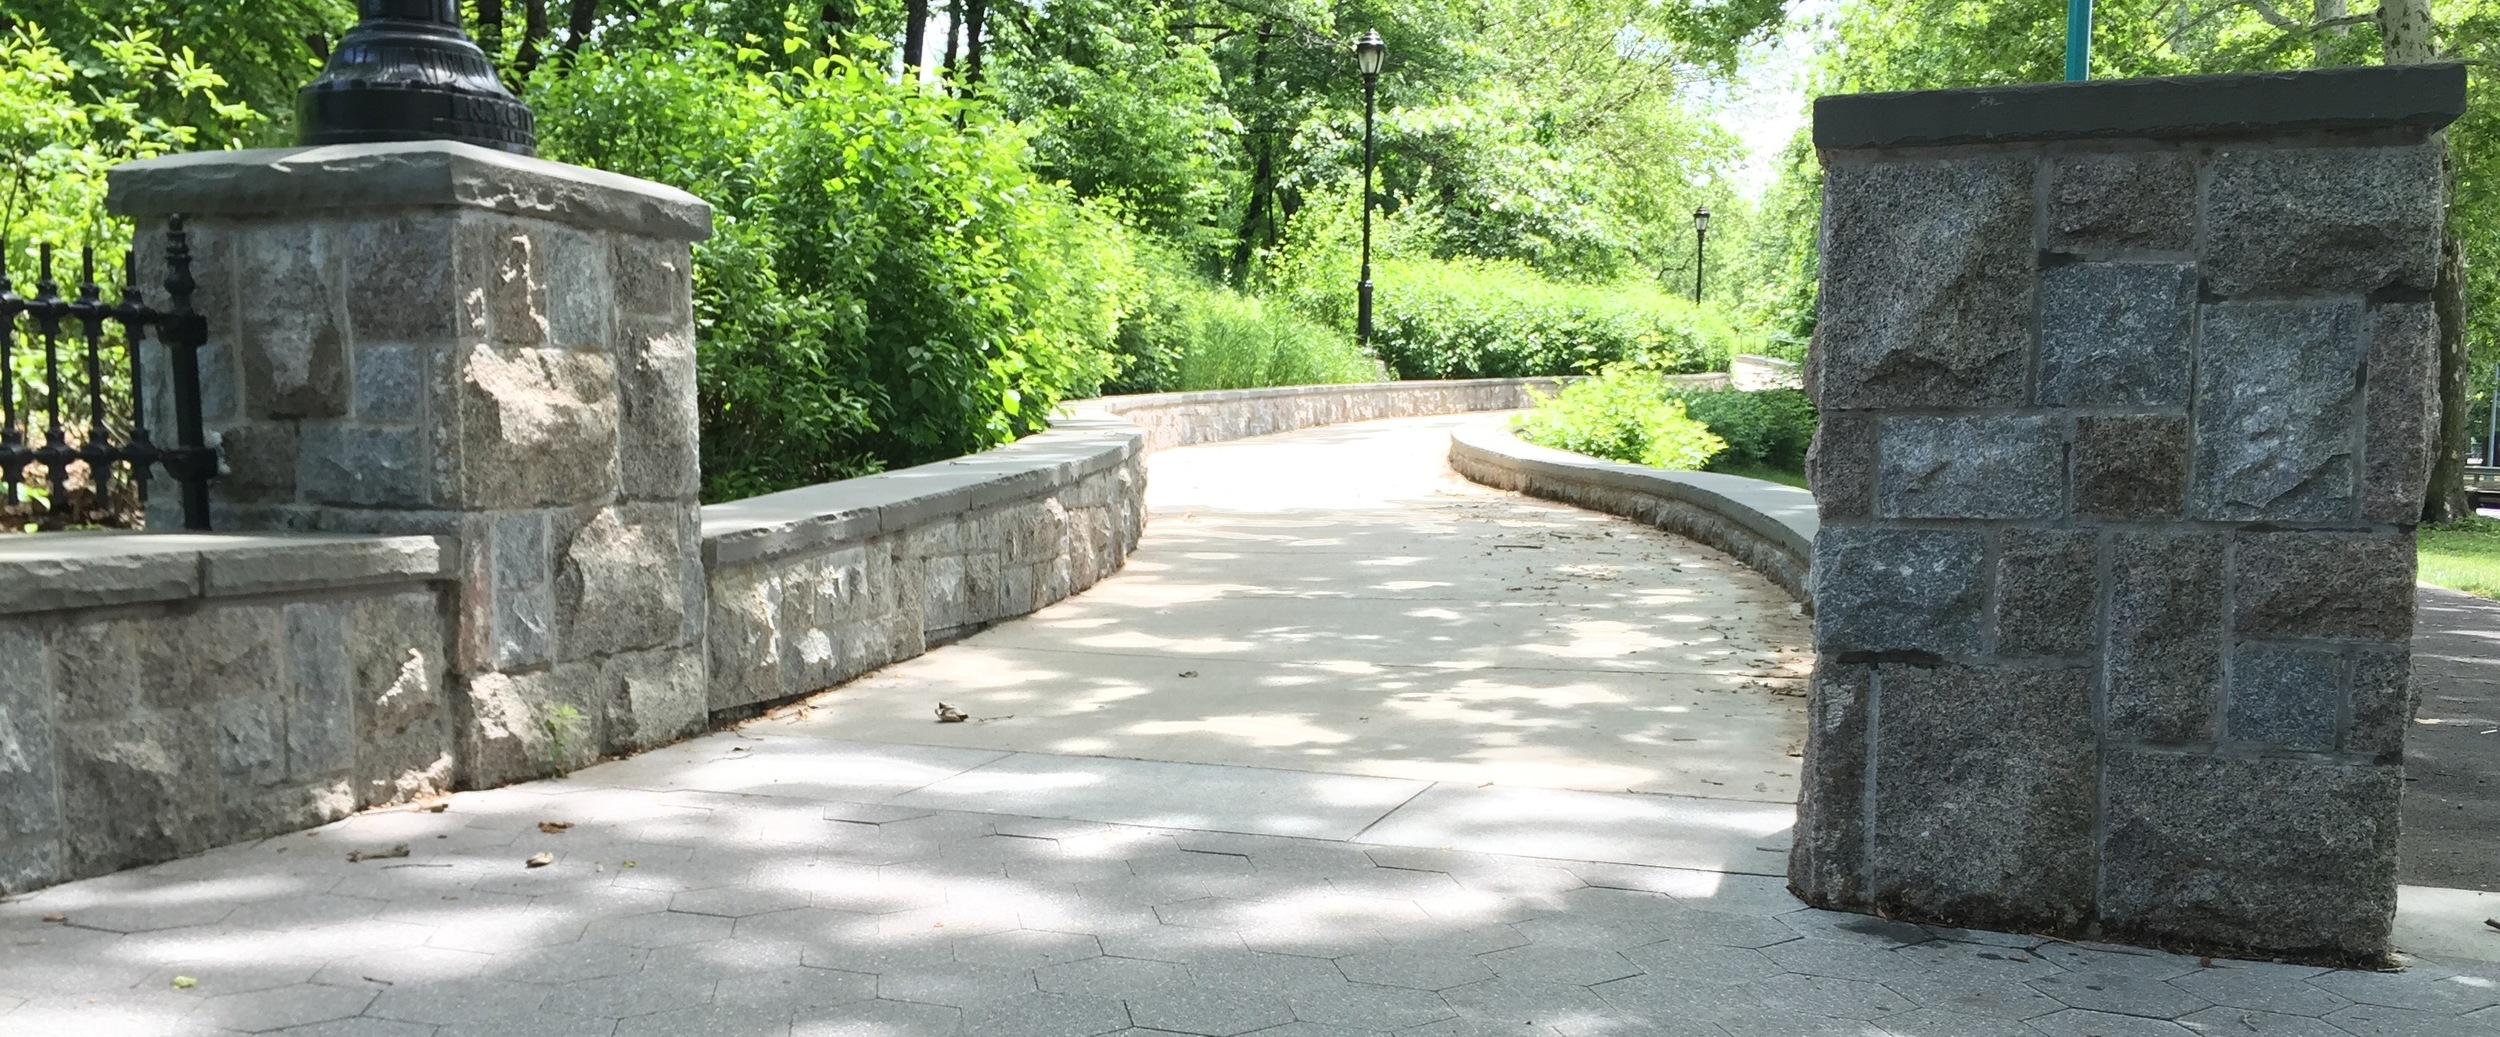 Highland Park, Brooklyn NY